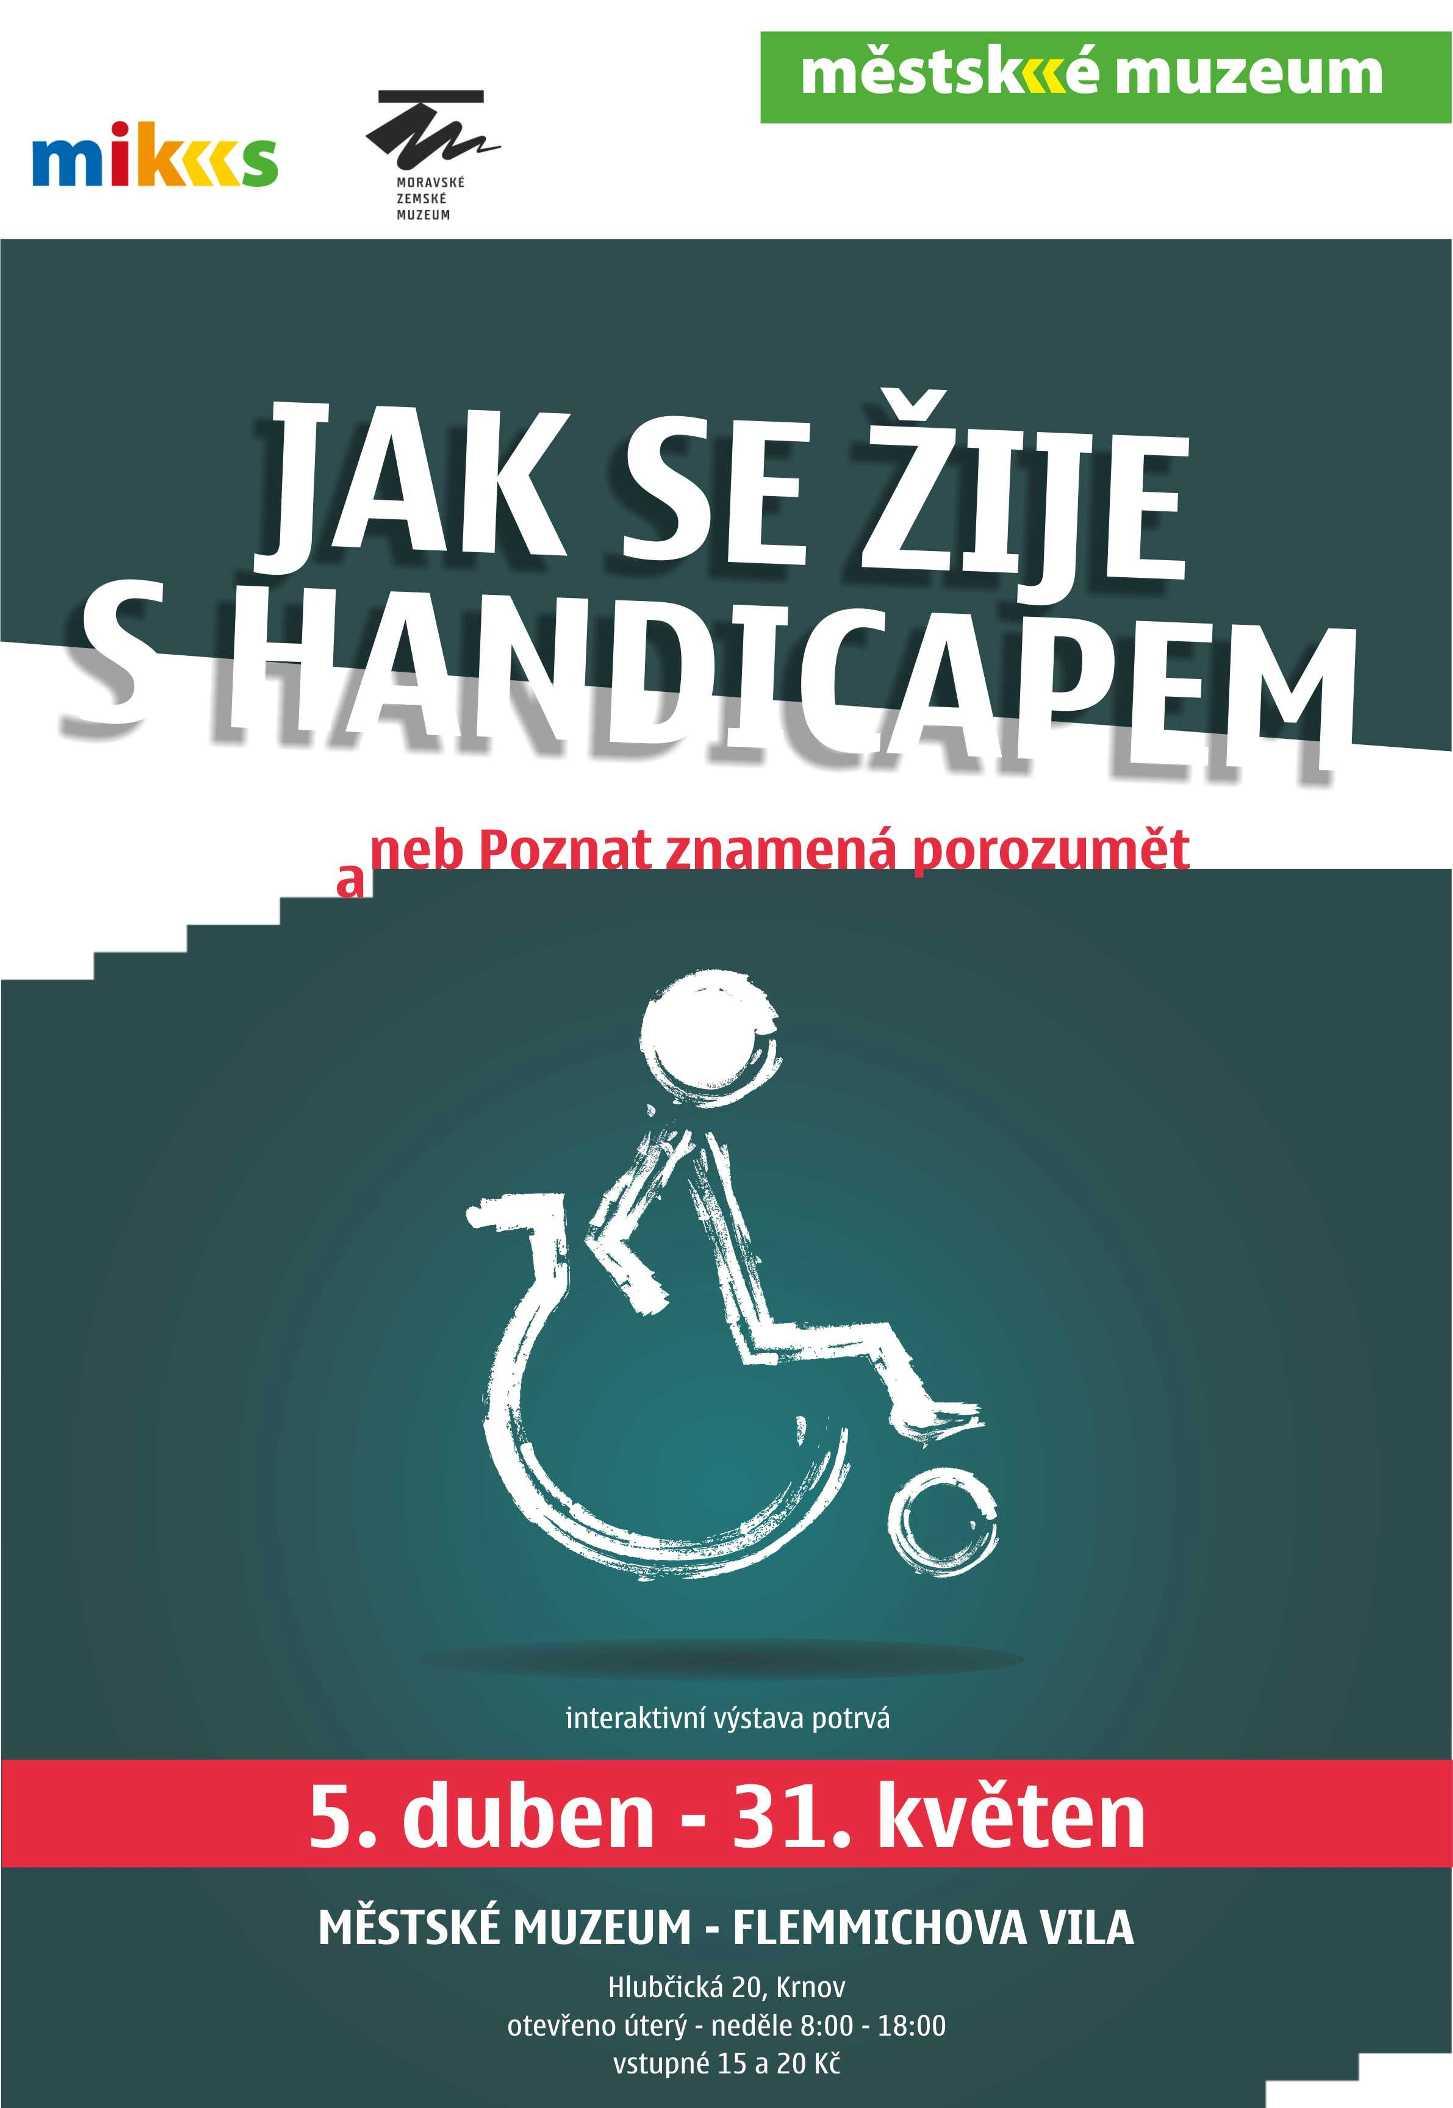 4fdc210fb70 MIKS Krnov - Jak se žije s handicapem aneb Poznat znamená porozumět